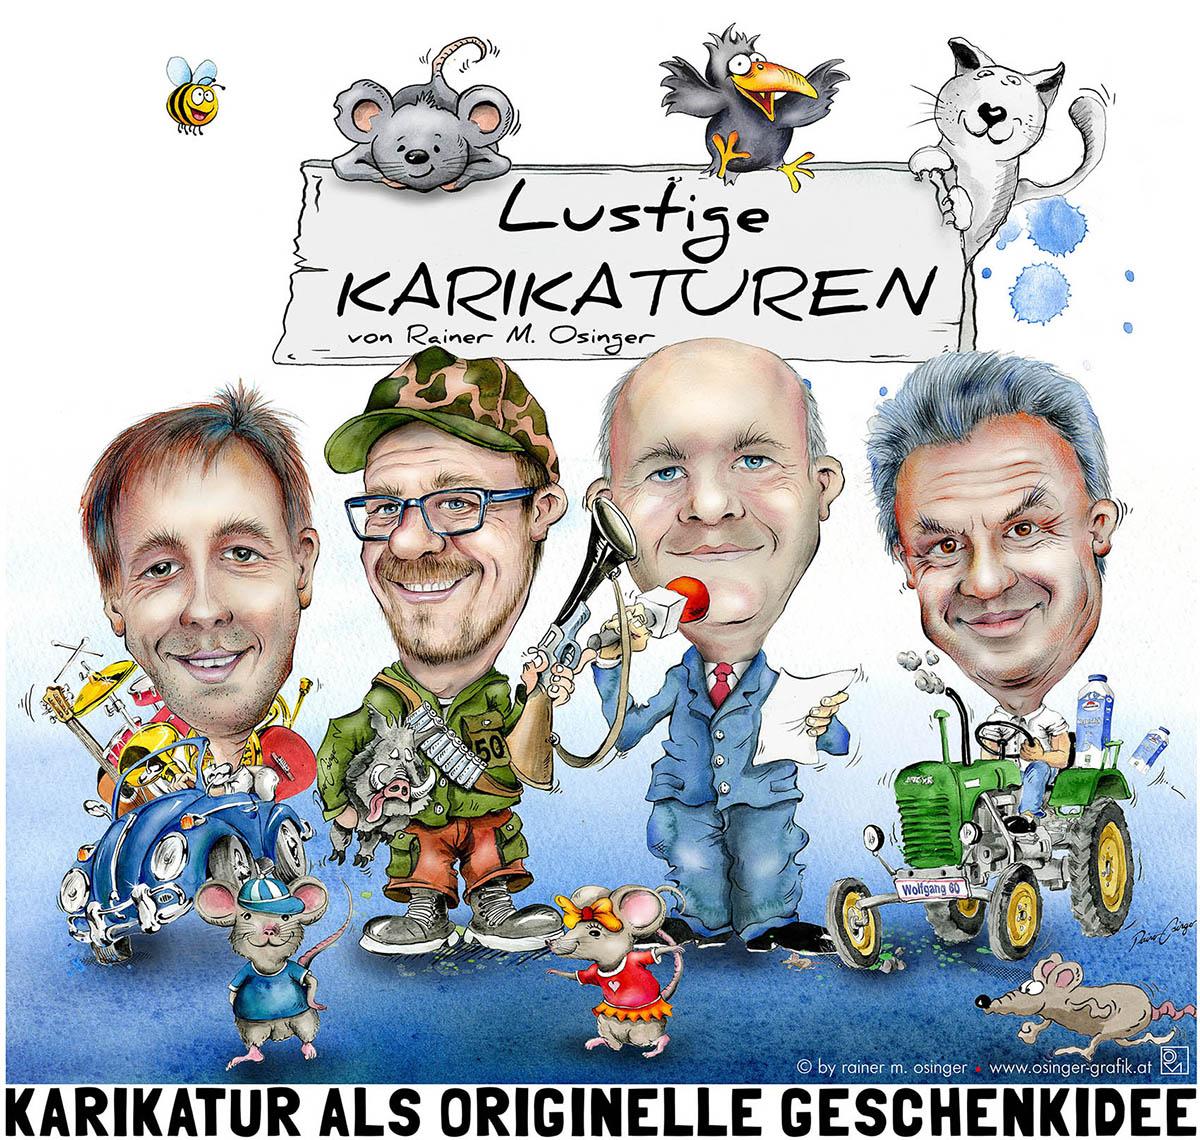 Karikaturen Karikatur Kärnten Osinger Karikaturist